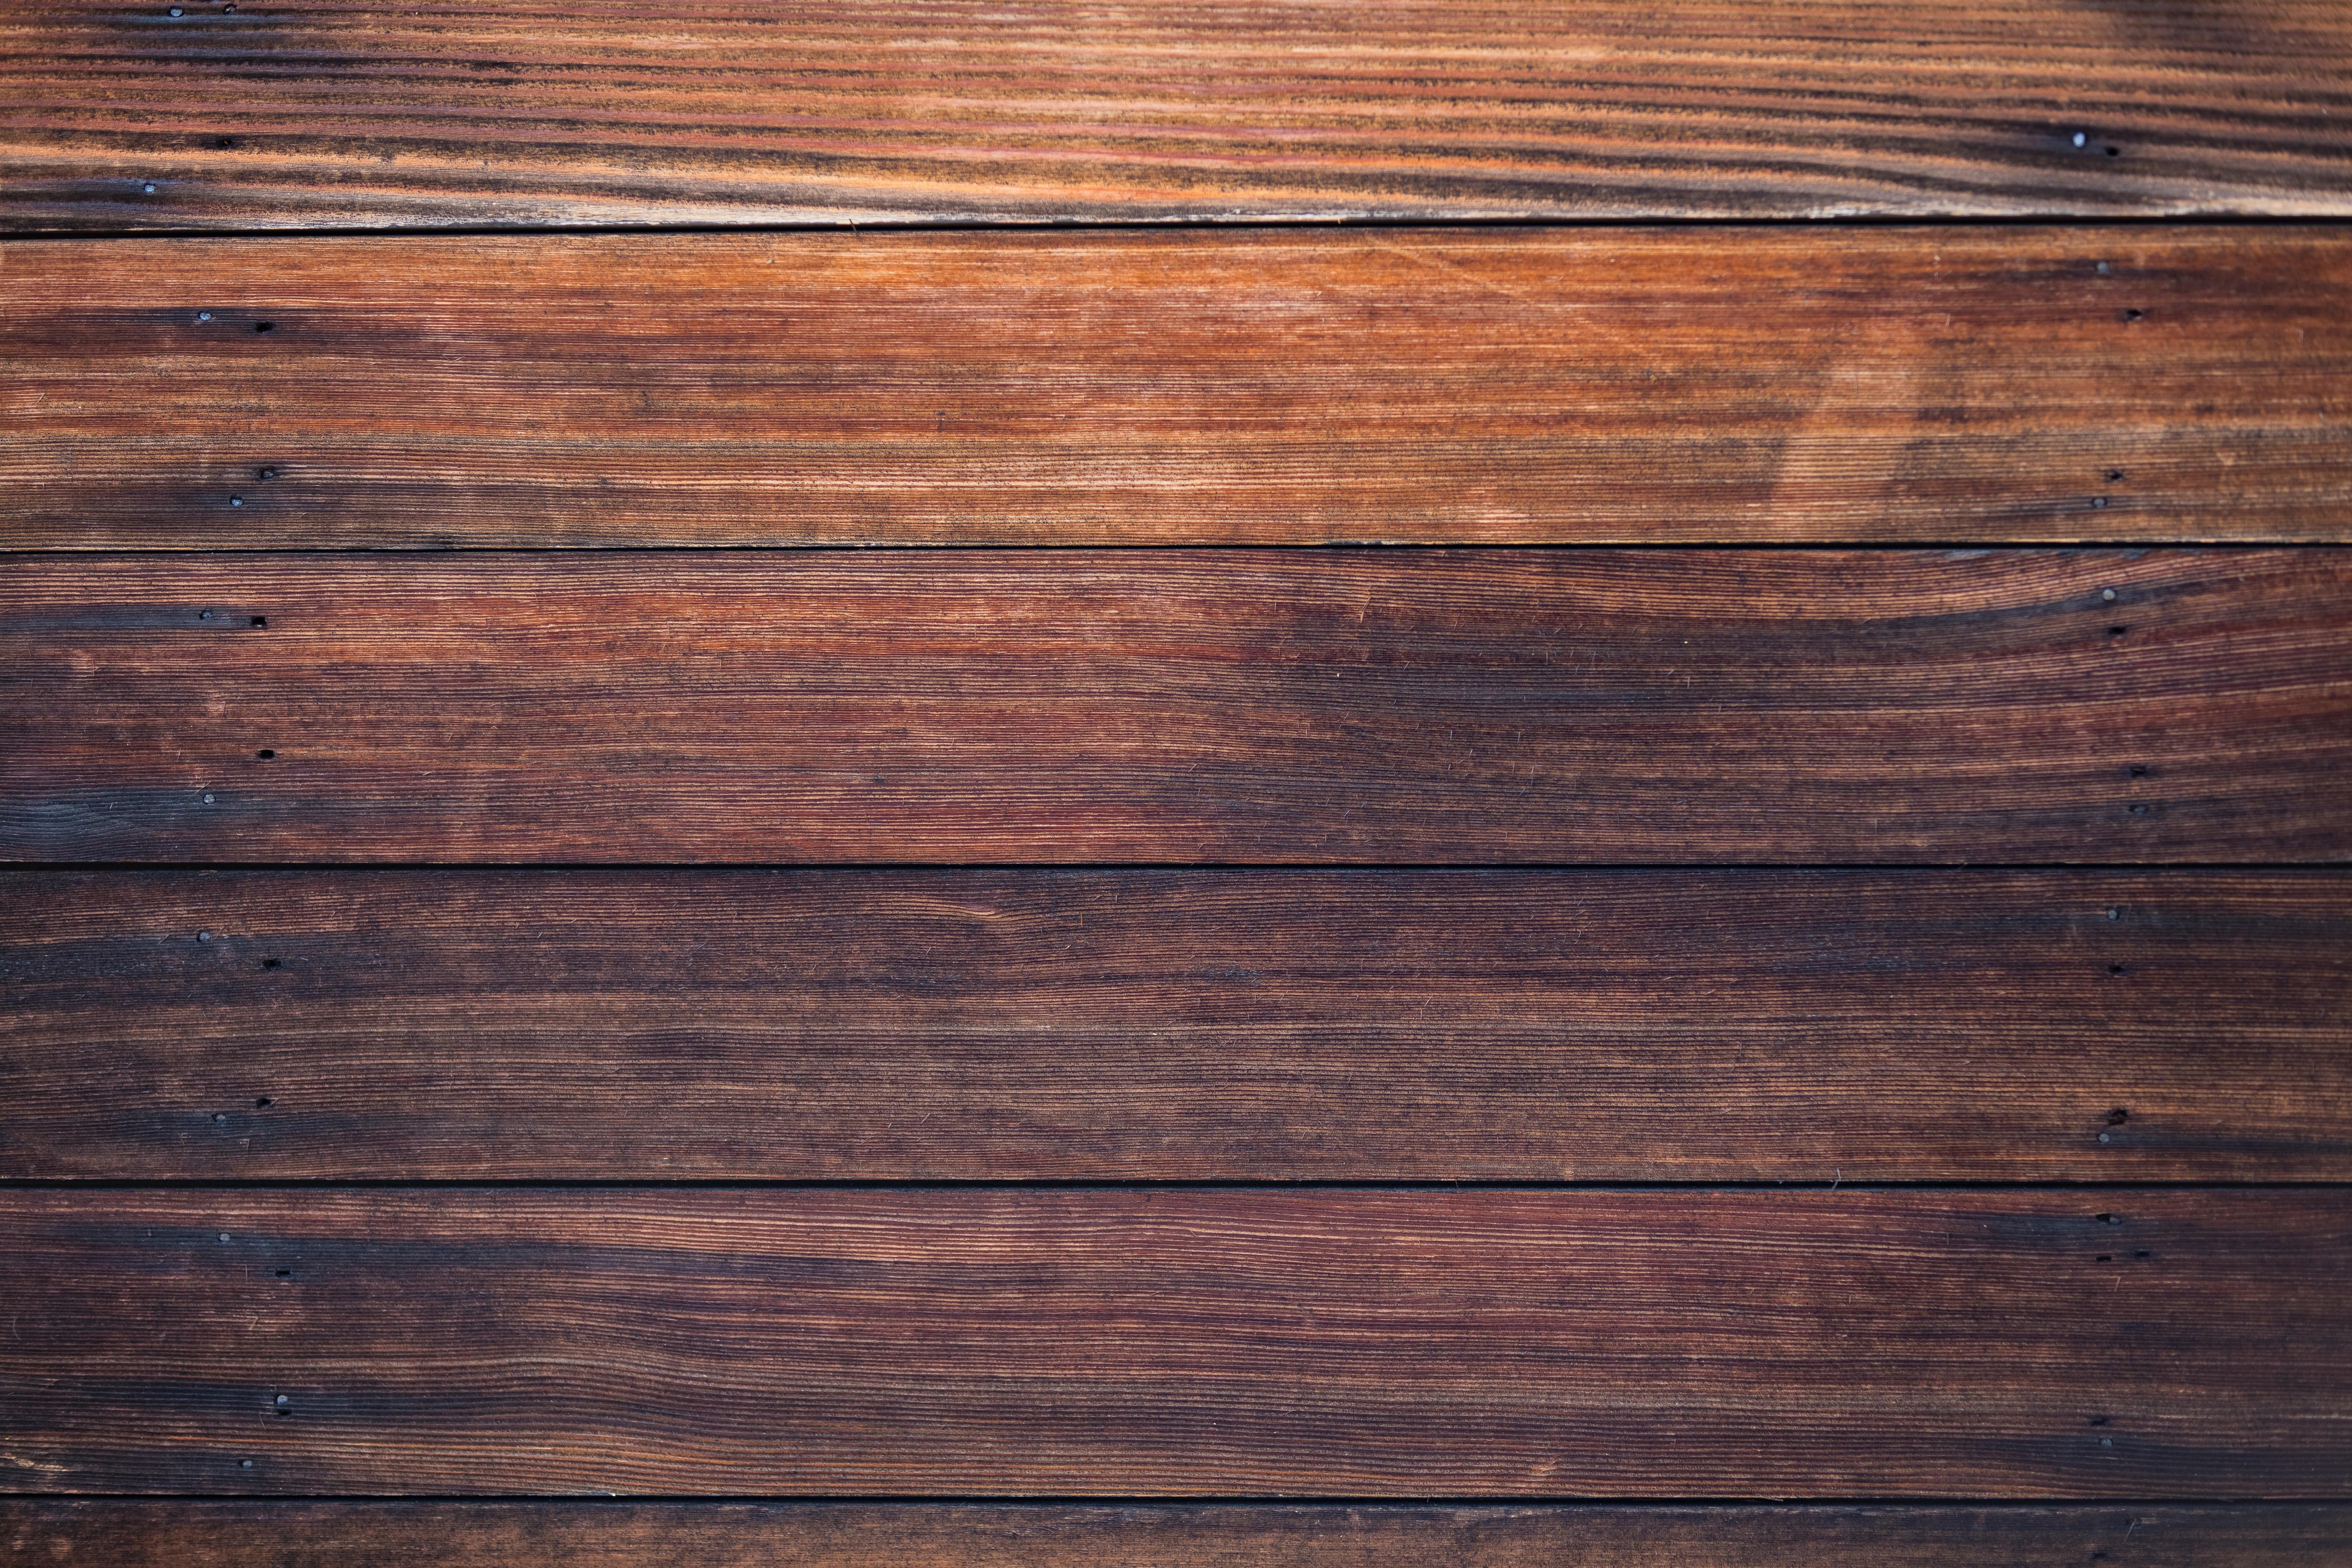 Des planches de bois de couleurs sombre